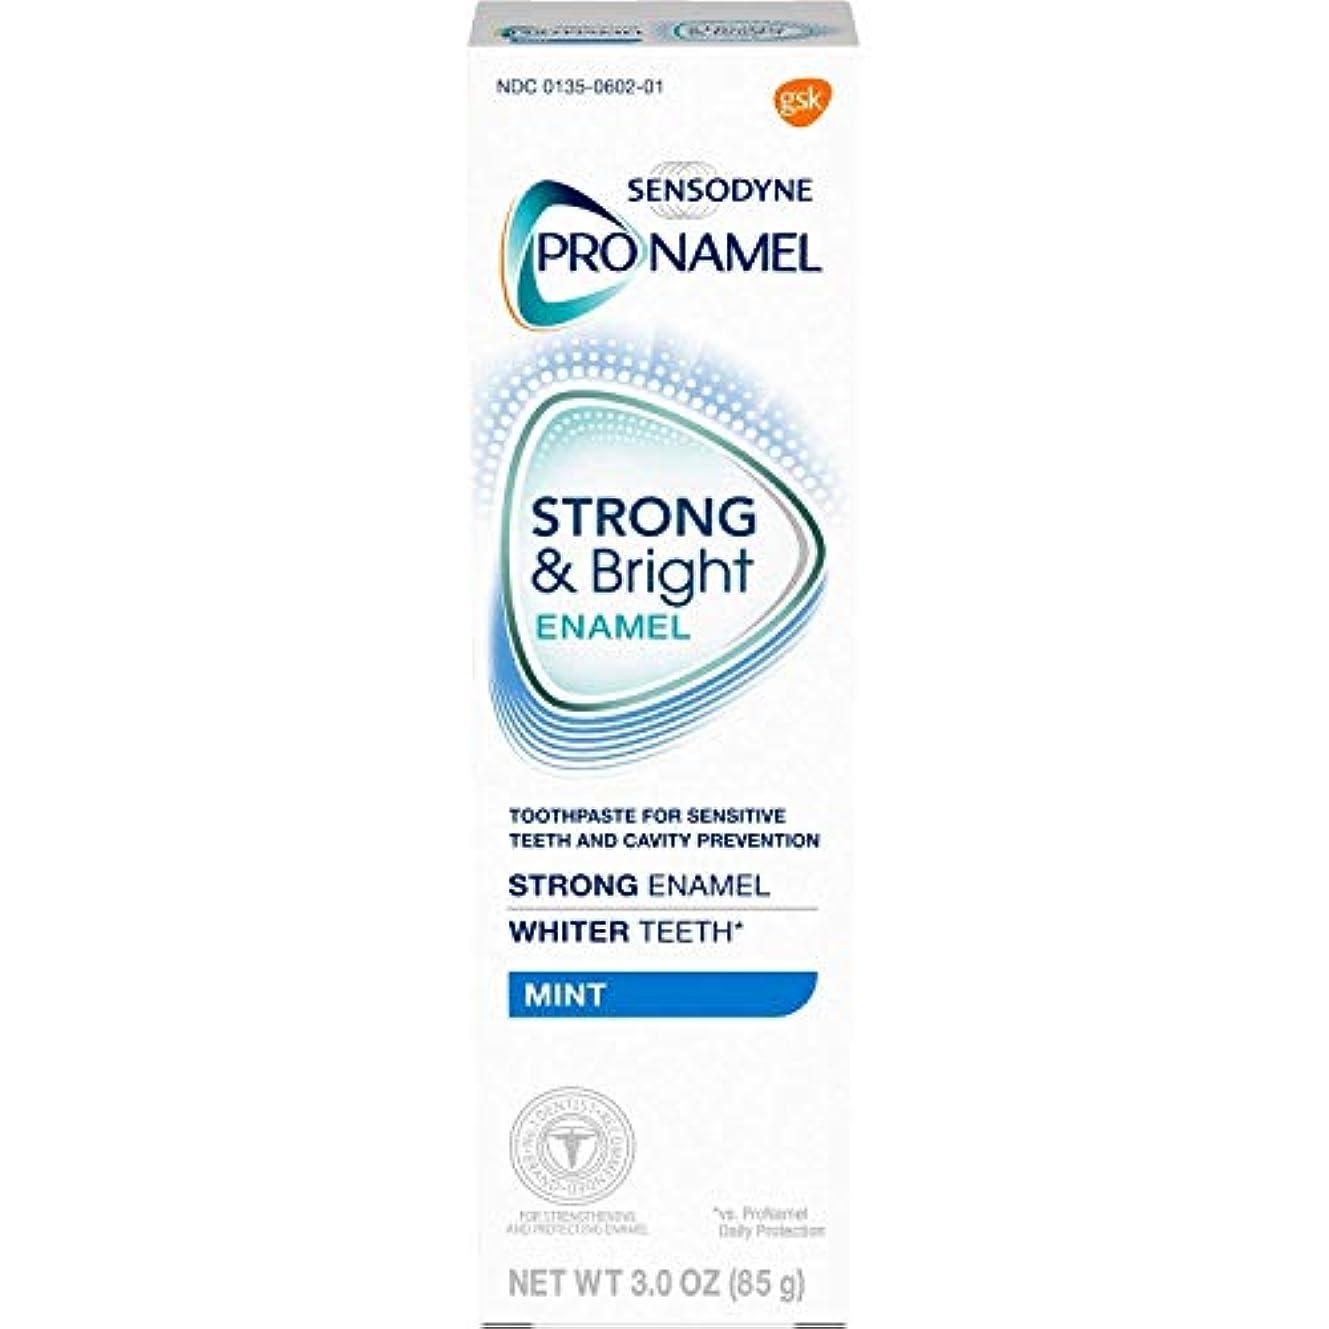 立派な電子レンジ一月SENSODYNE PRONAMEL 敏感な歯のミントのためにSensodyne ProNamelストロング&明るいエナメルハミガキ - 3オンス、6パック